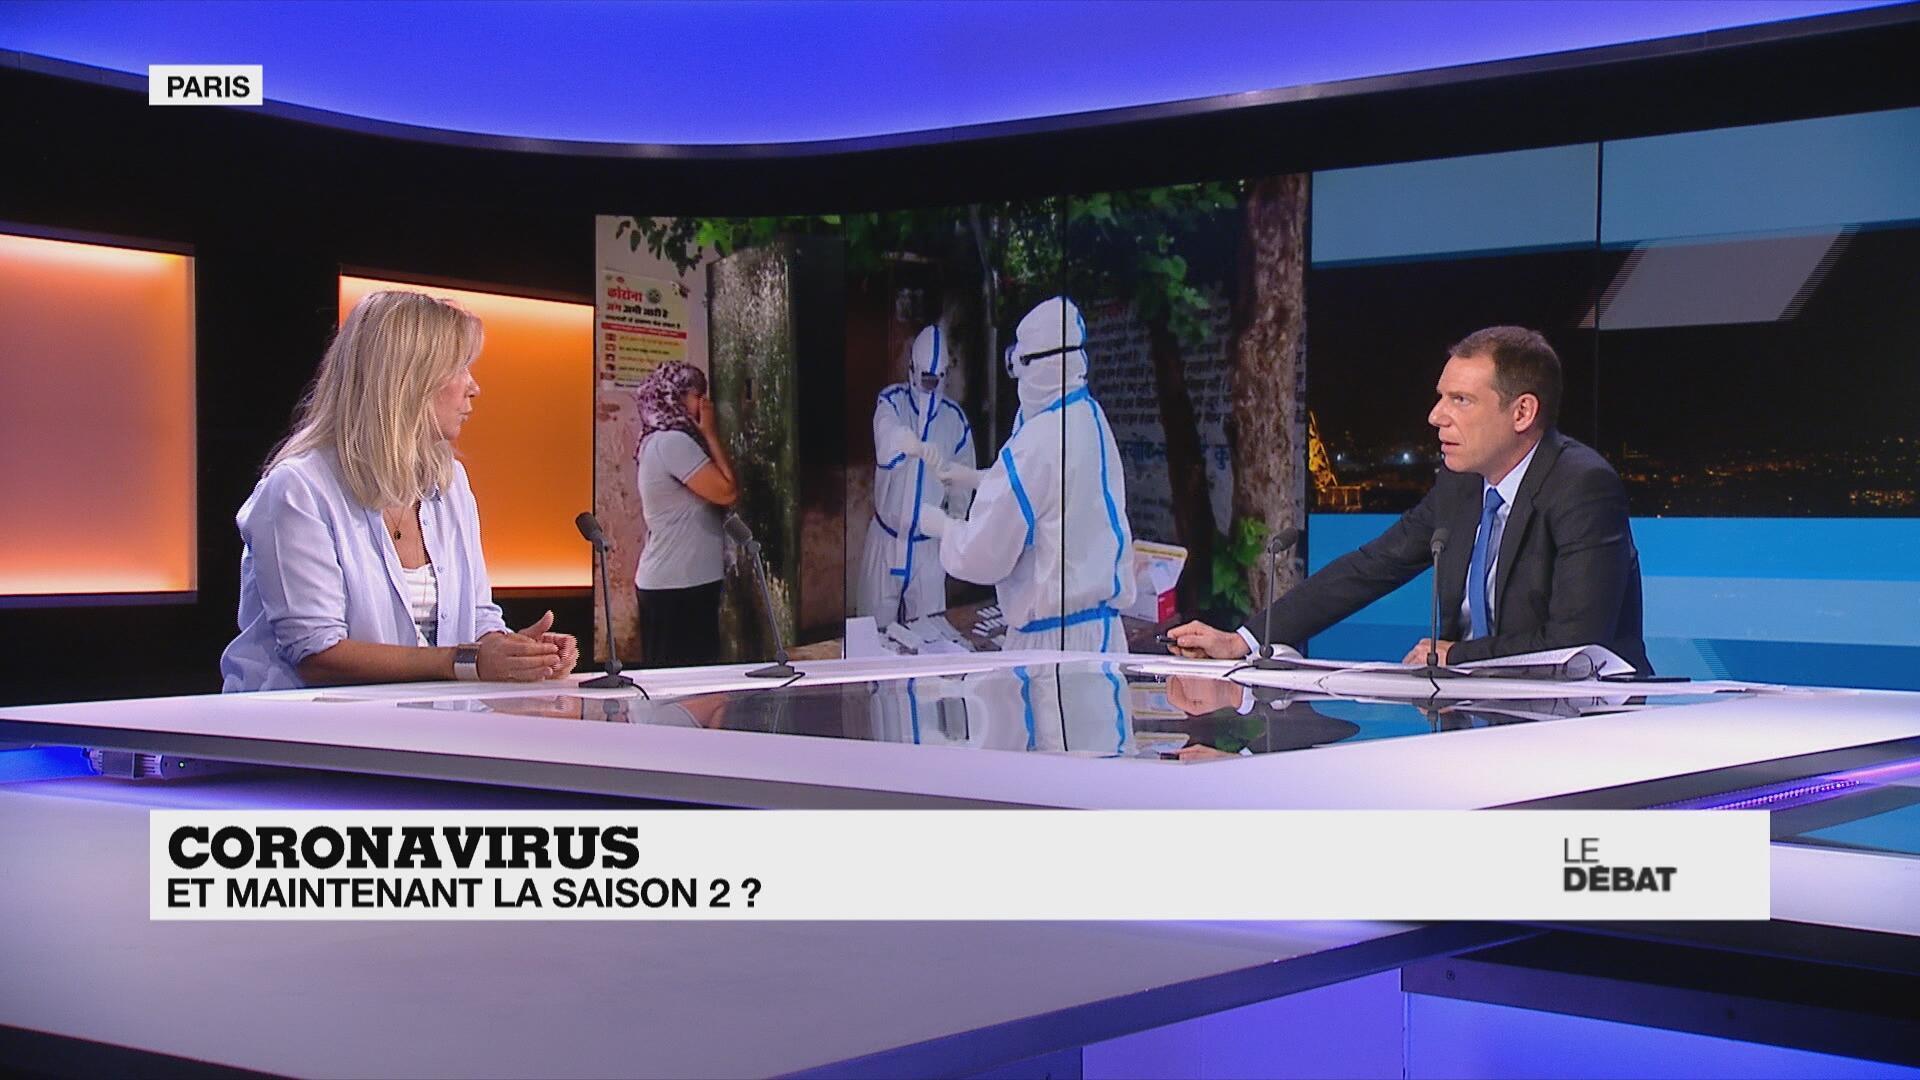 Le Débat de France 24 - mercredi 9 septembre 2020